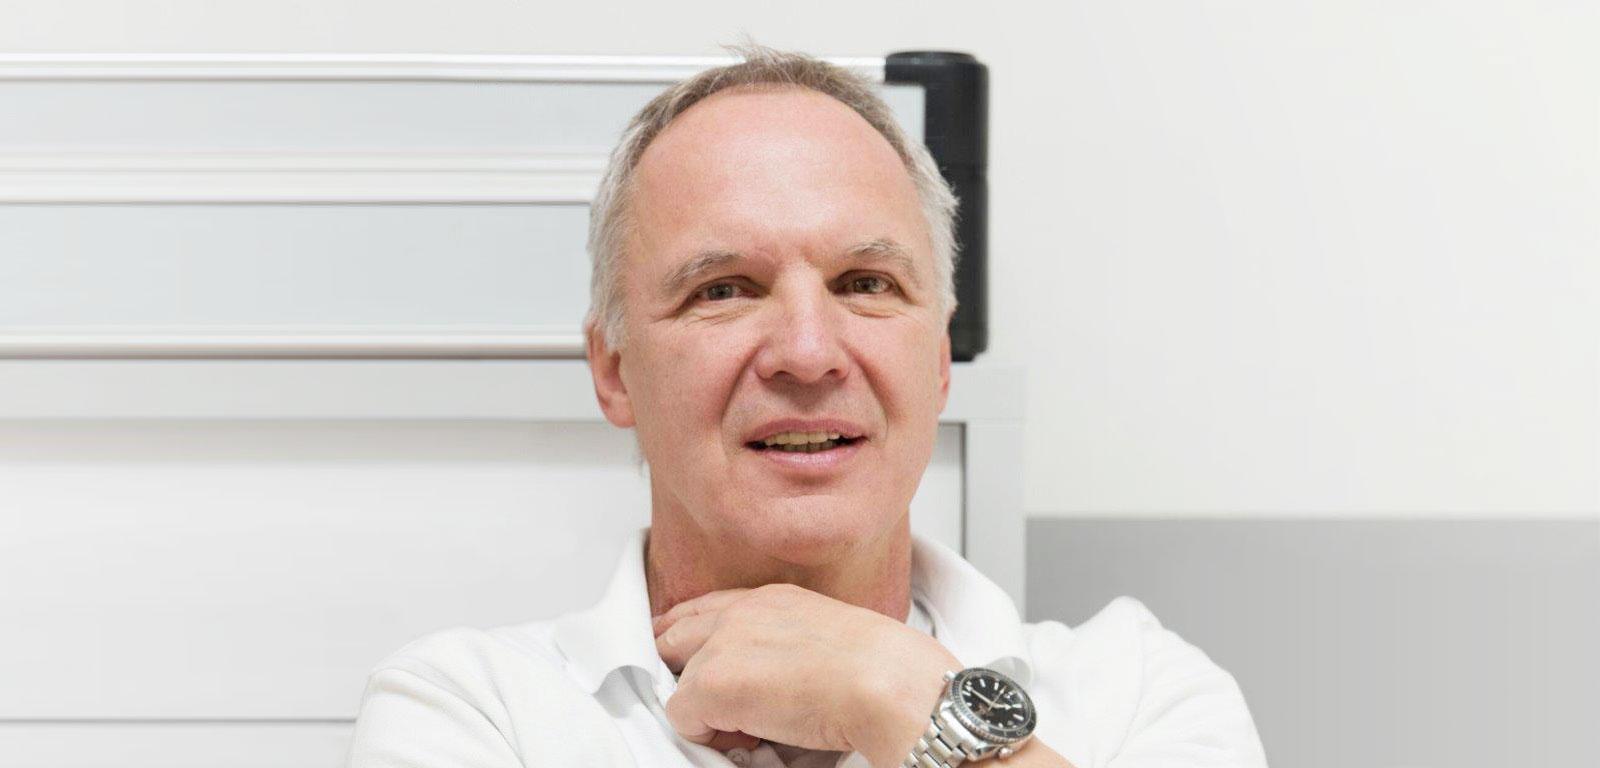 Dr. Keese-Röhrs Facharzt für Chirurgie Sportmedizin in Oldenburg